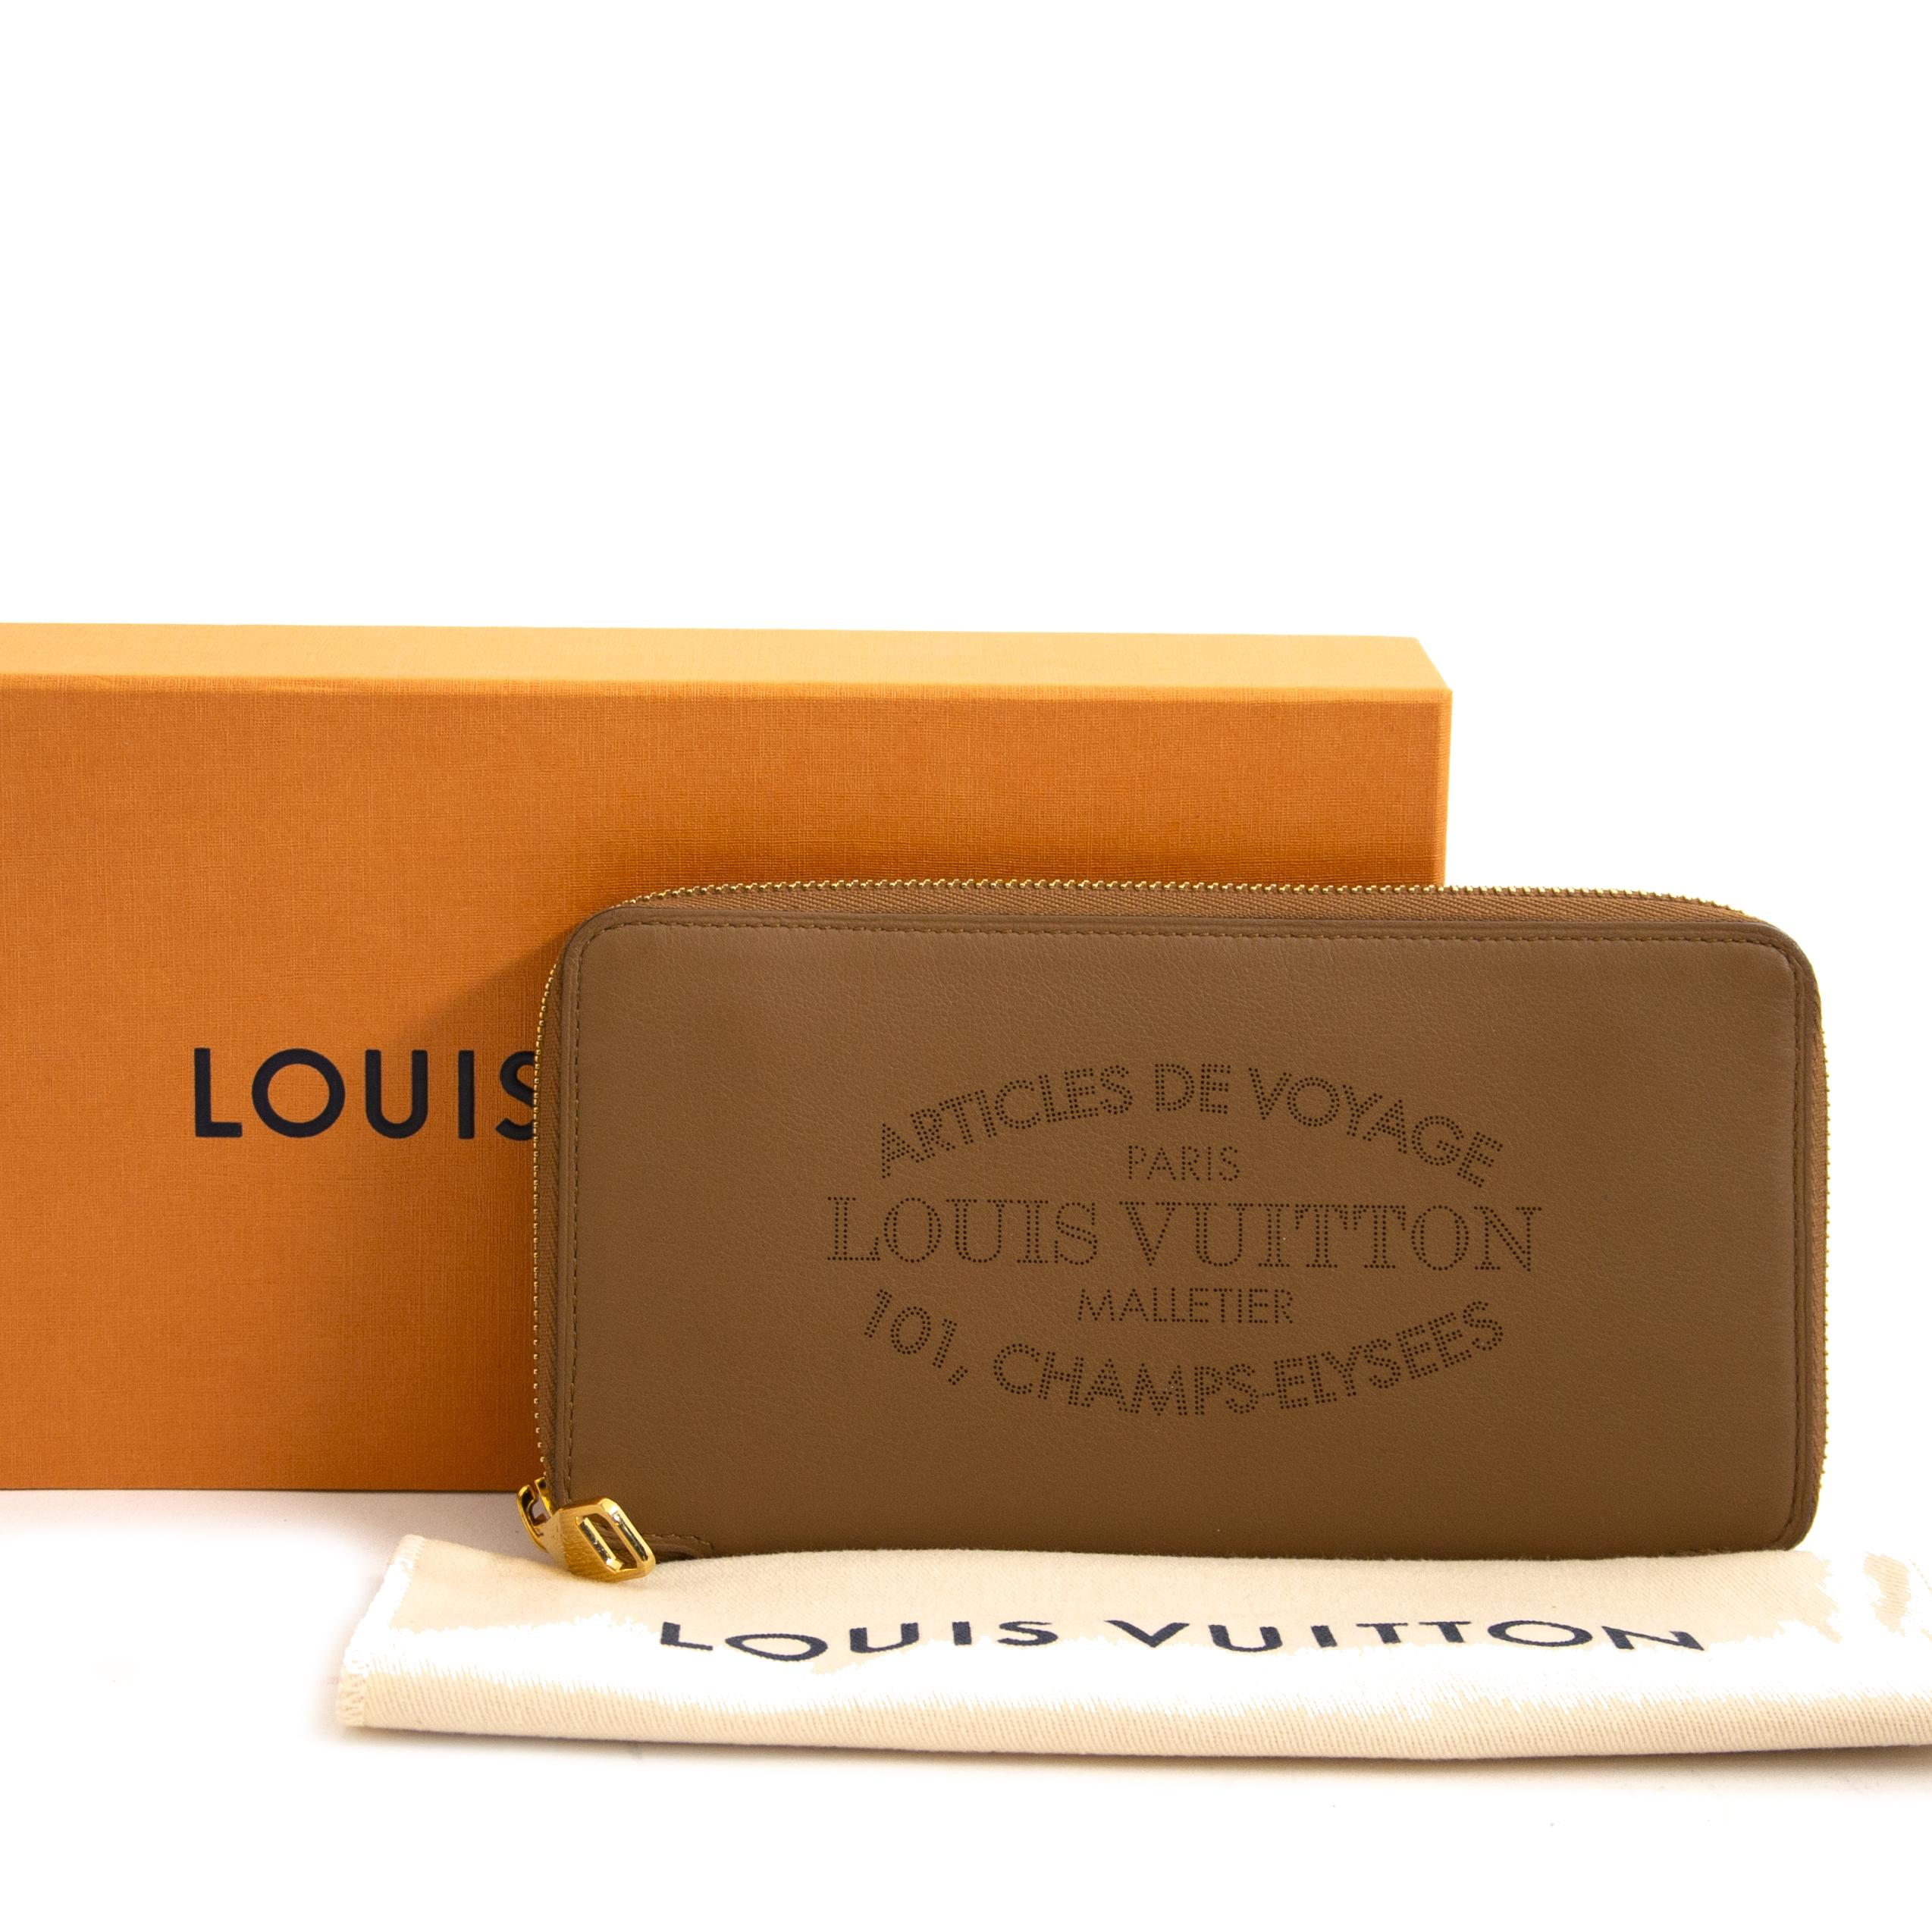 Koop en verkoop uw authentieke Louis Vuitton Veau Soie Leather Lena Wallet  aan de beste prijs